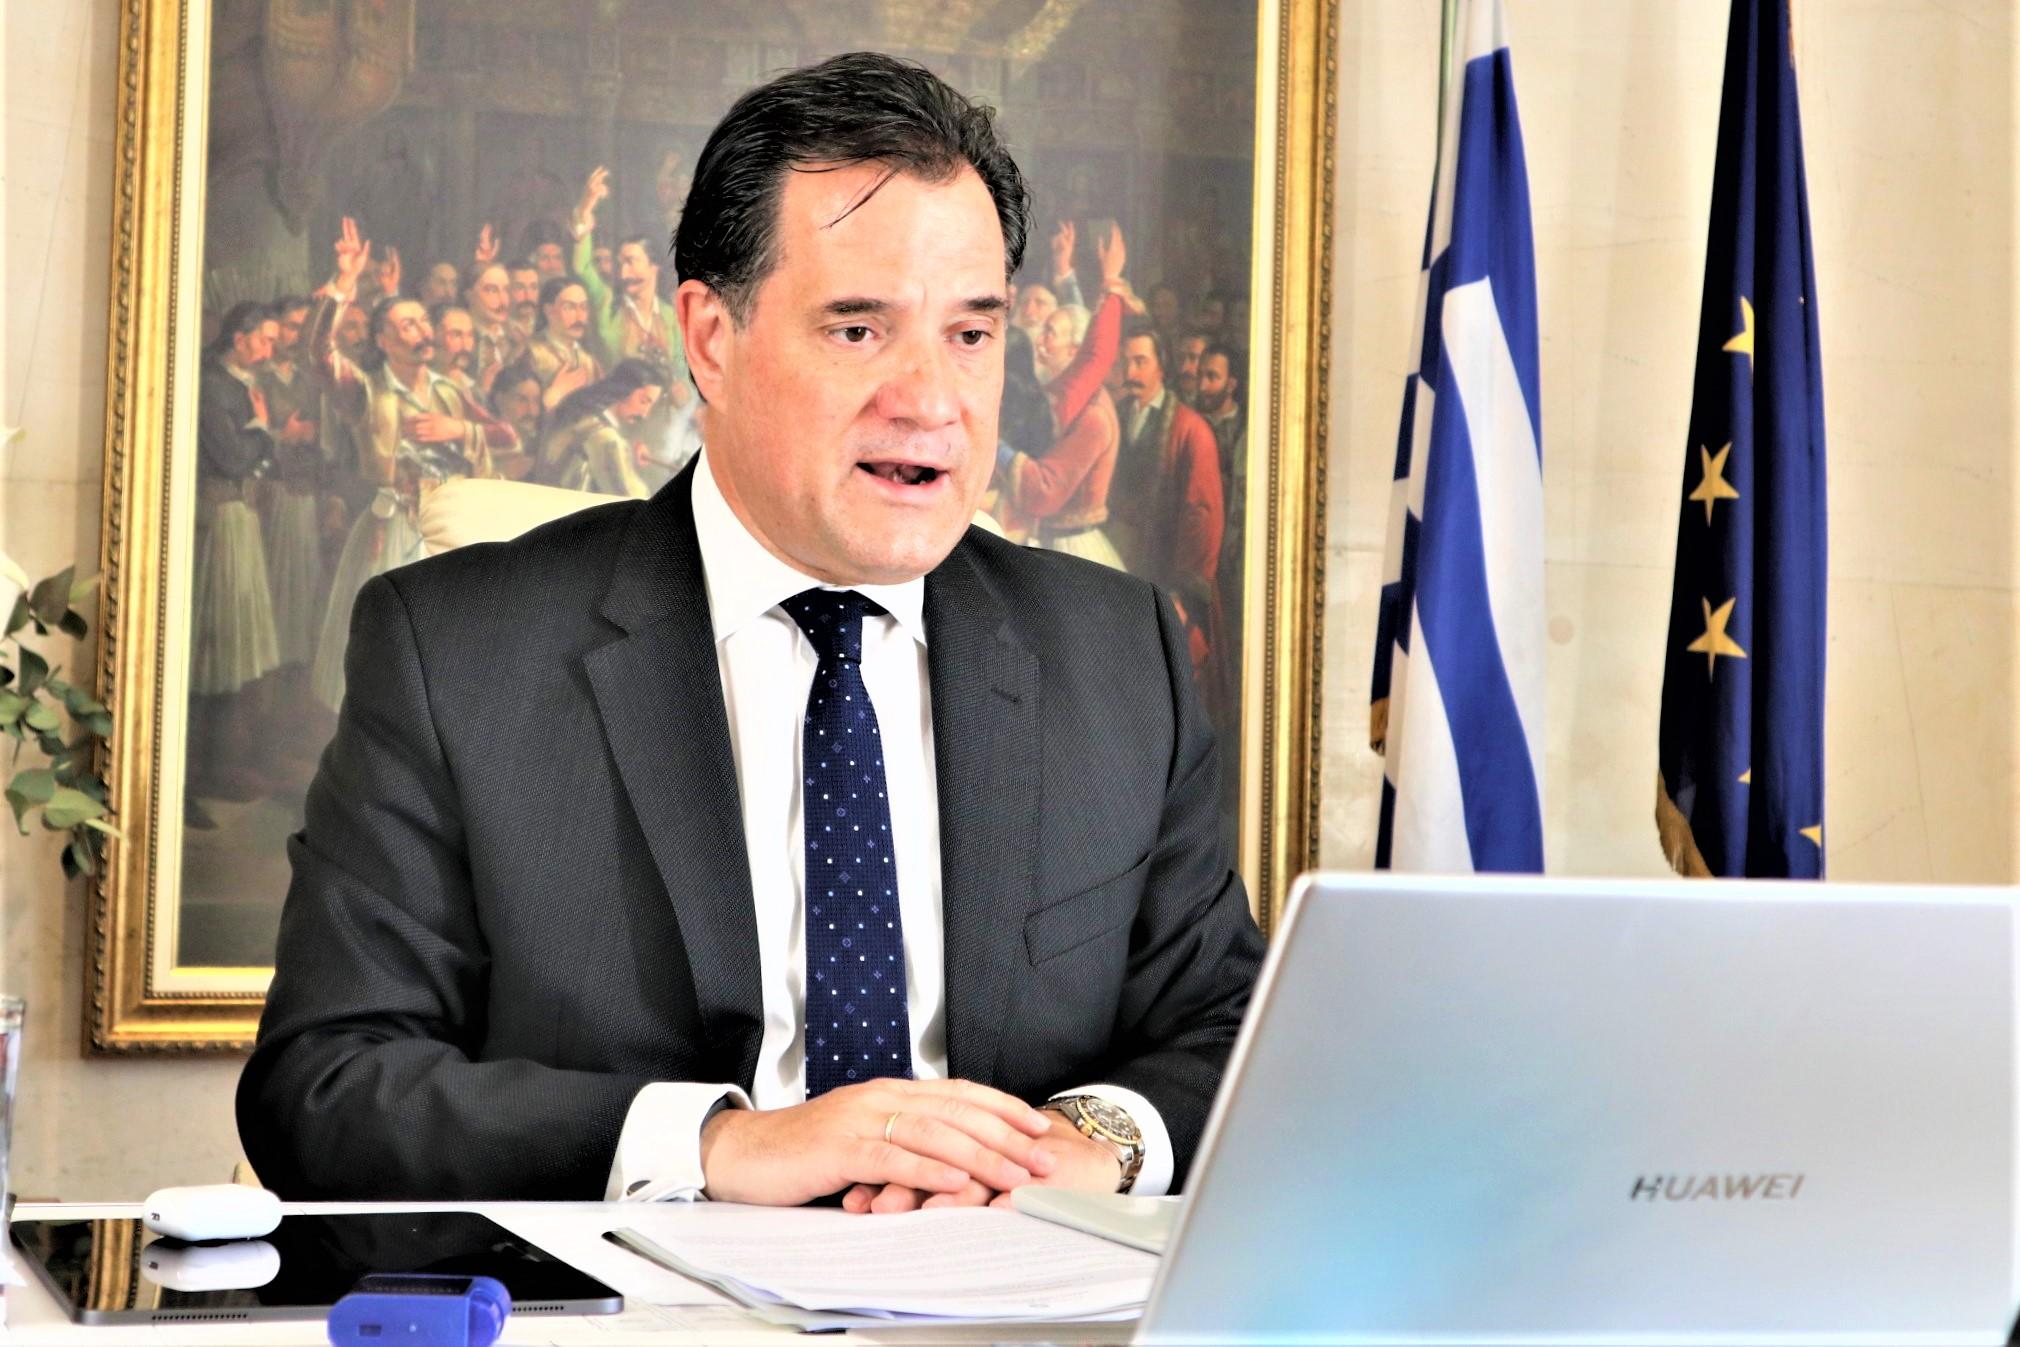 Άδ. Γεωργιάδης: Δεν θα υπάρξουν ελλείψεις στα ράφια των σούπερ μάρκετ τους επόμενους μήνες